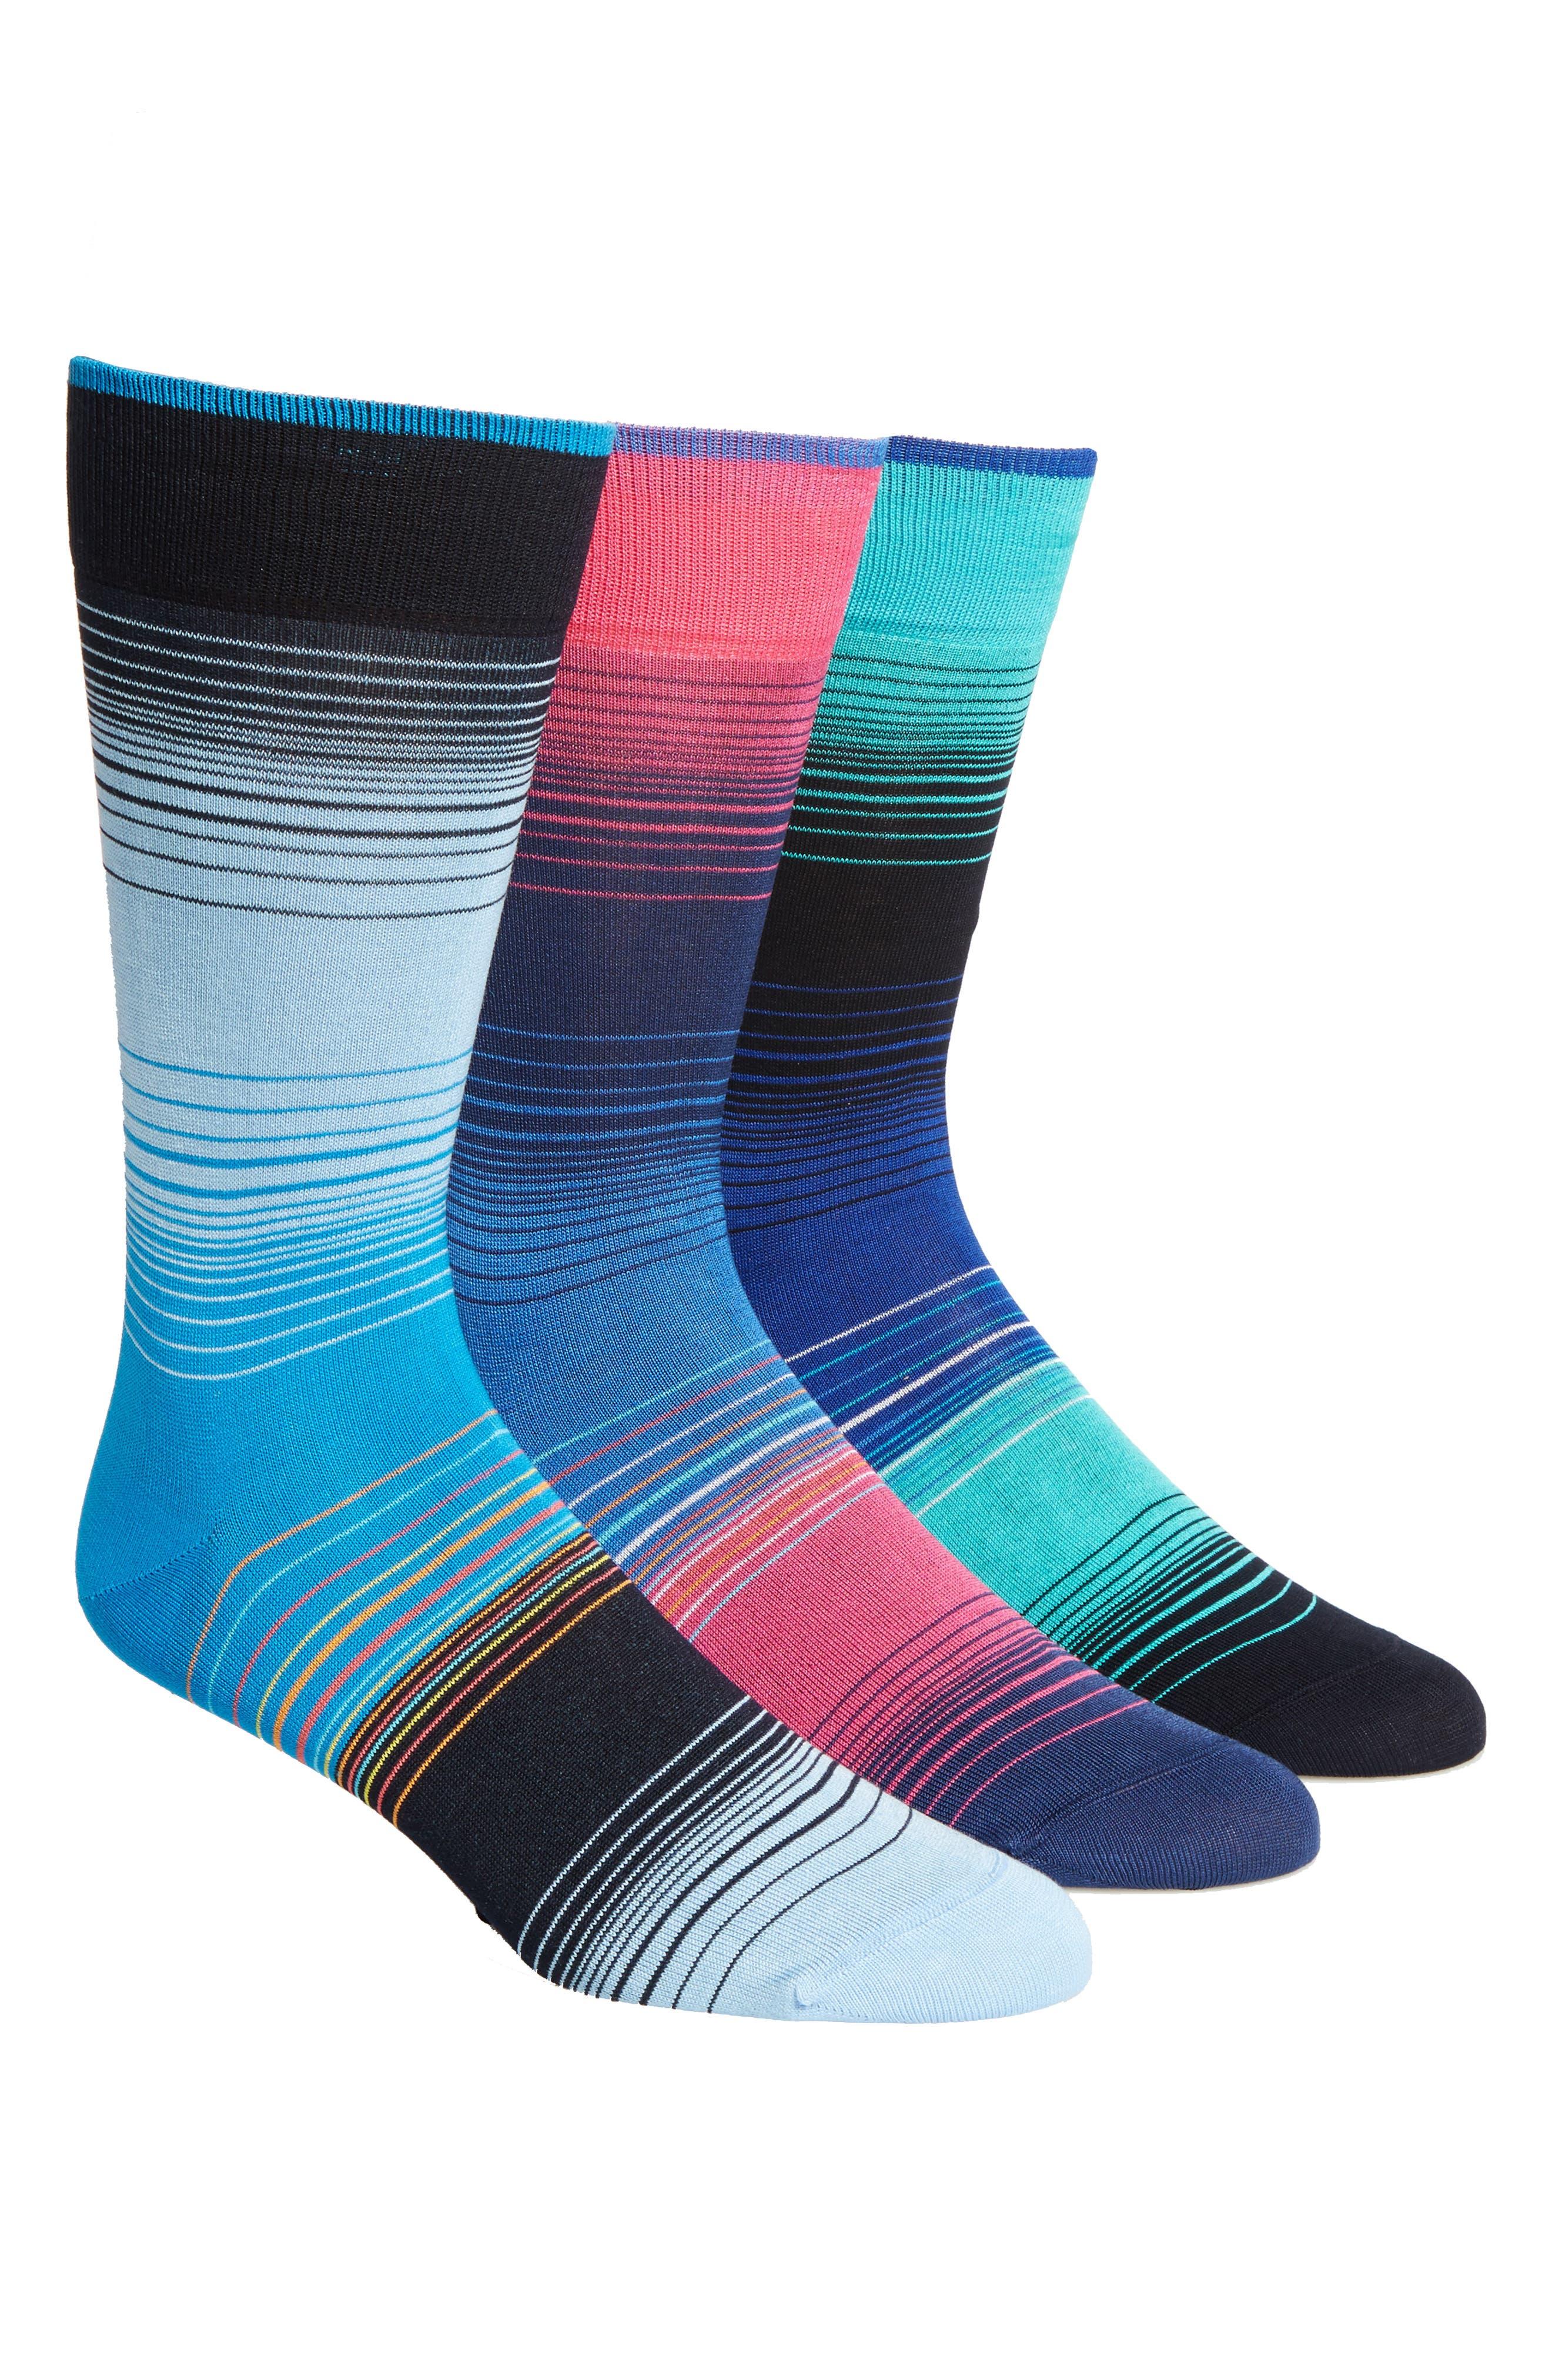 Alternate Image 1 Selected - Bugatchi 3-Pack Cotton Blend Socks